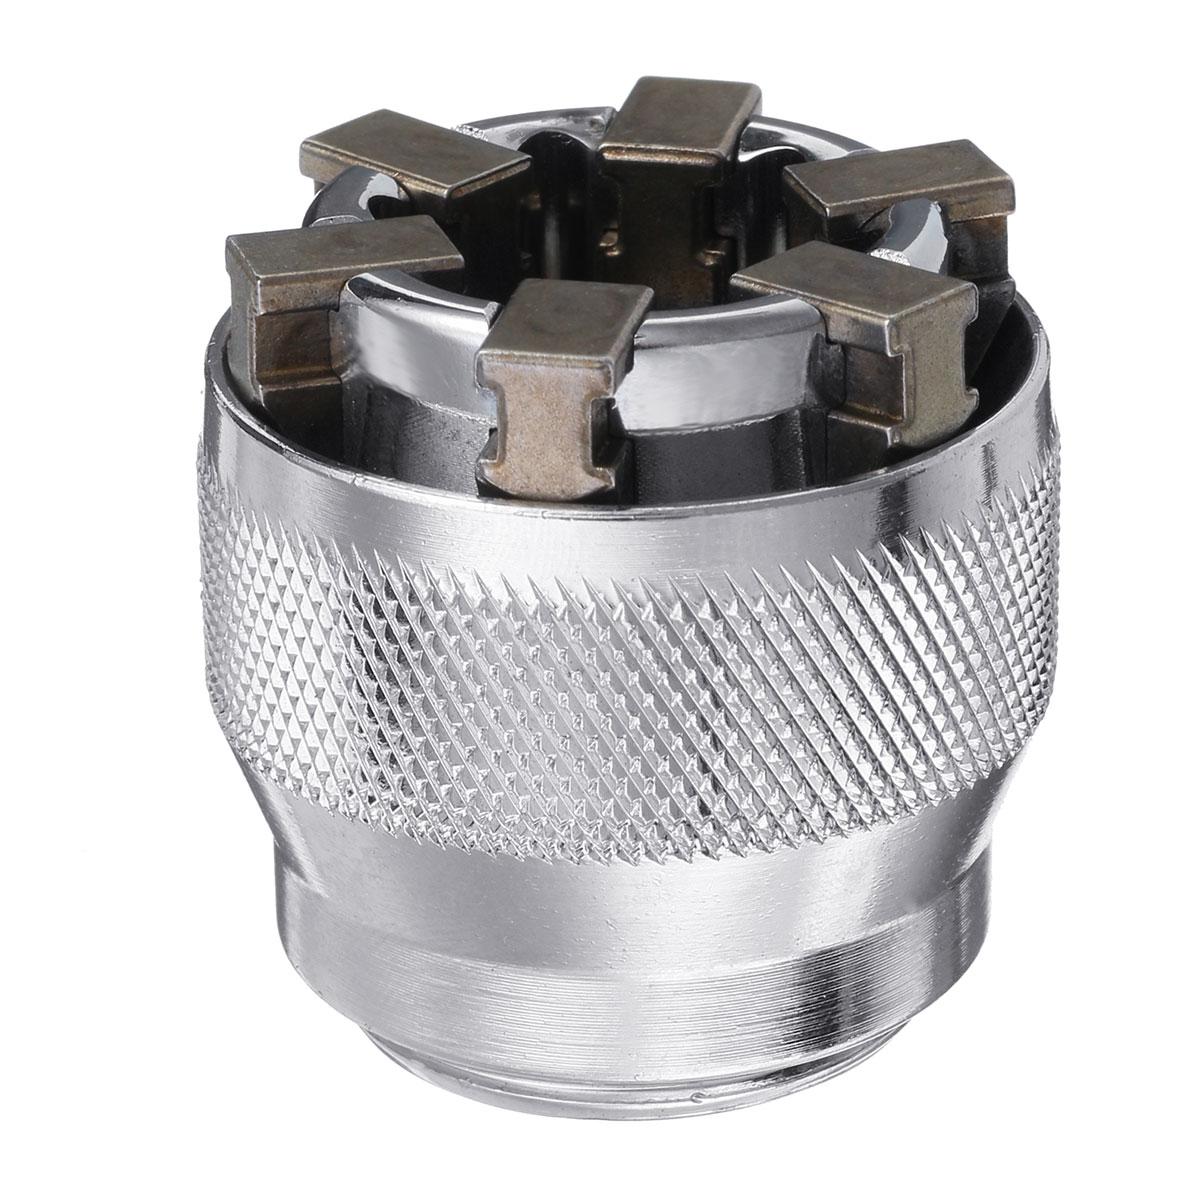 Ajustável 10-19mm soquete pro mágico chave de soquete acessórios de substituição da chave mintiml